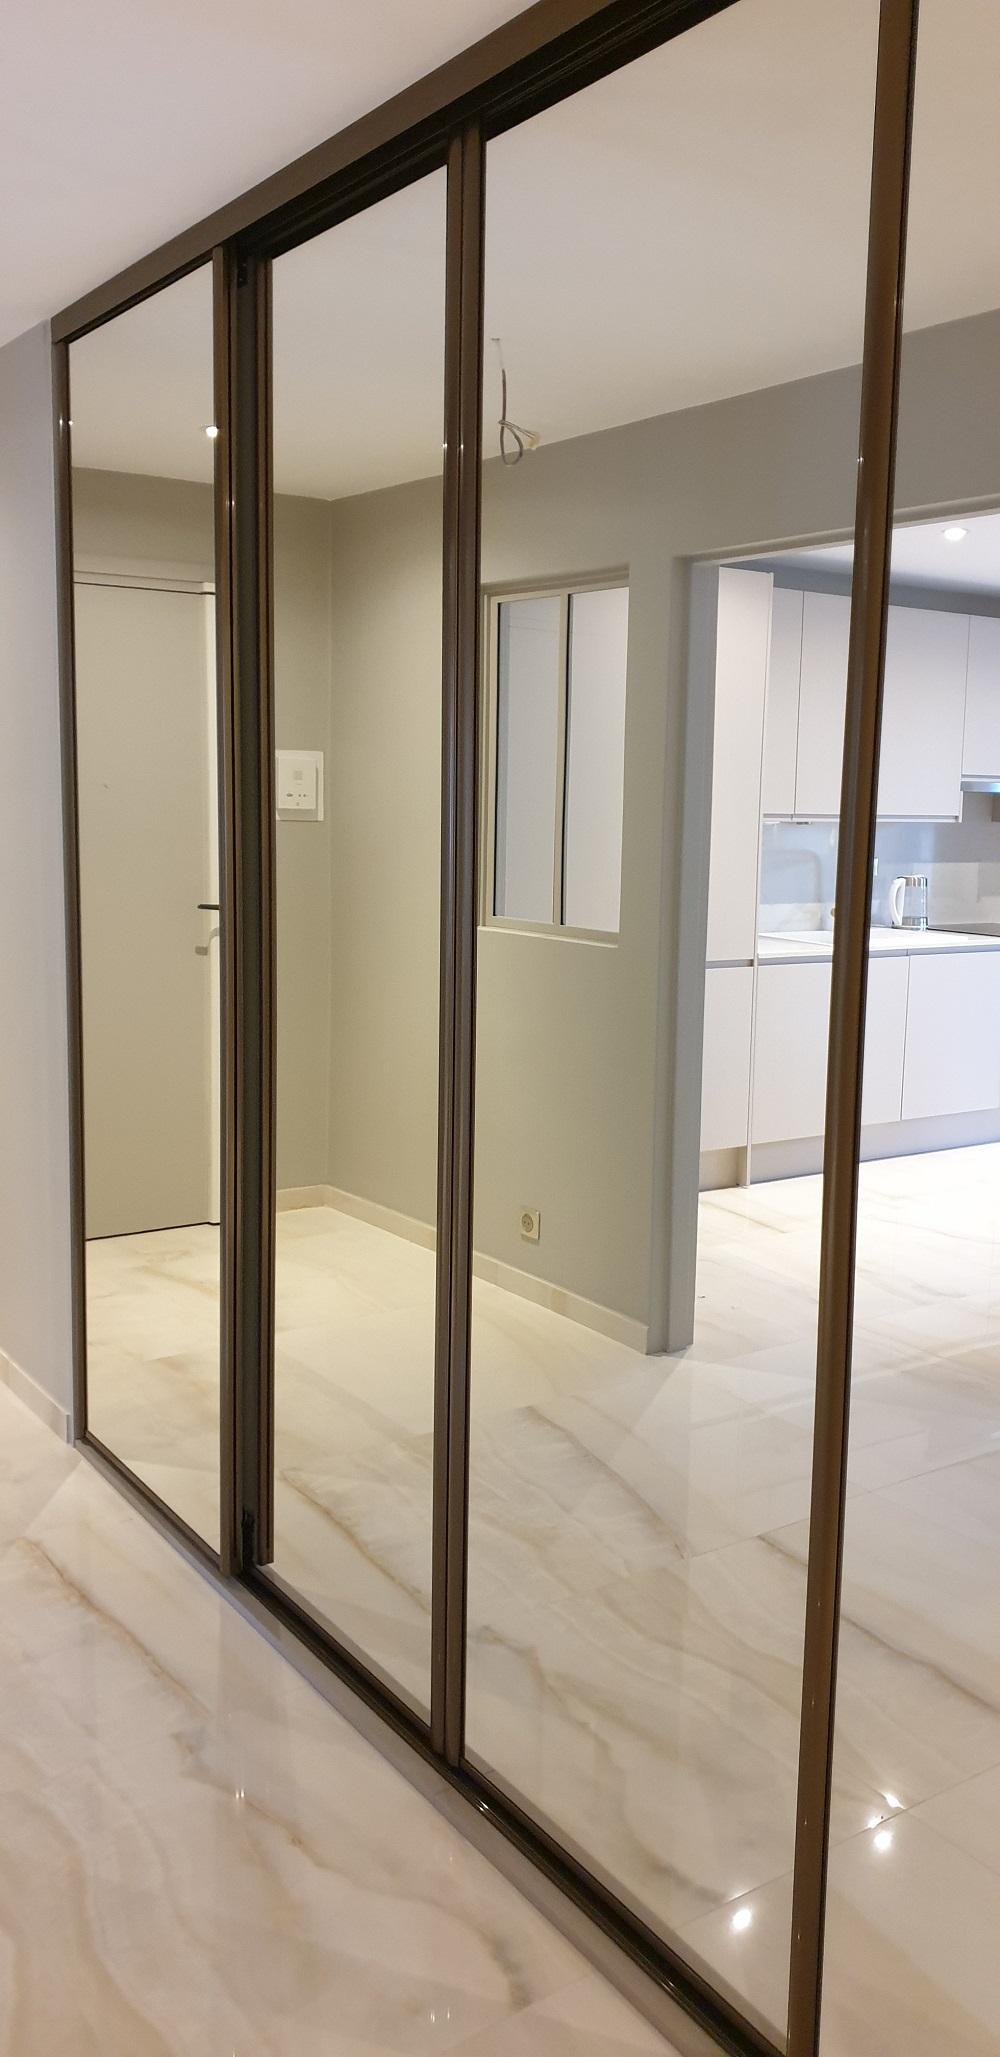 espace-placard-portes-coulissantes-2-1